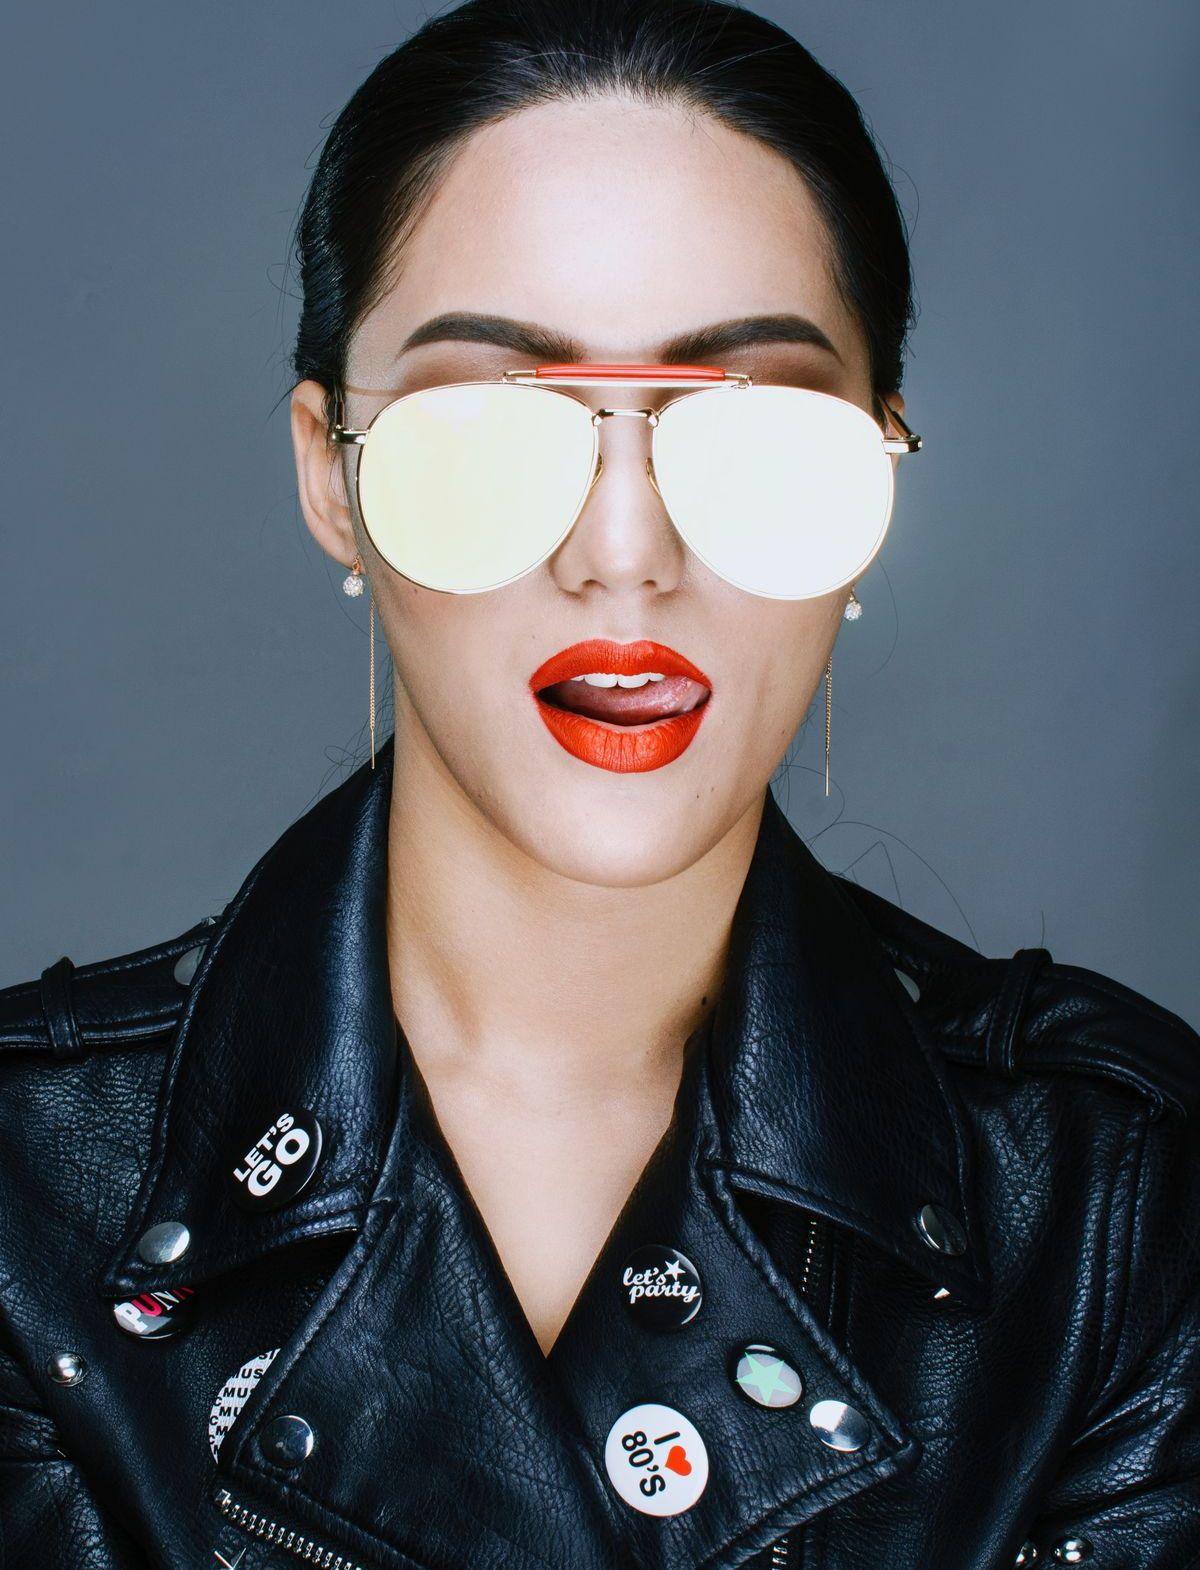 Sonnenbrillen sind ein absolutes Must-Have